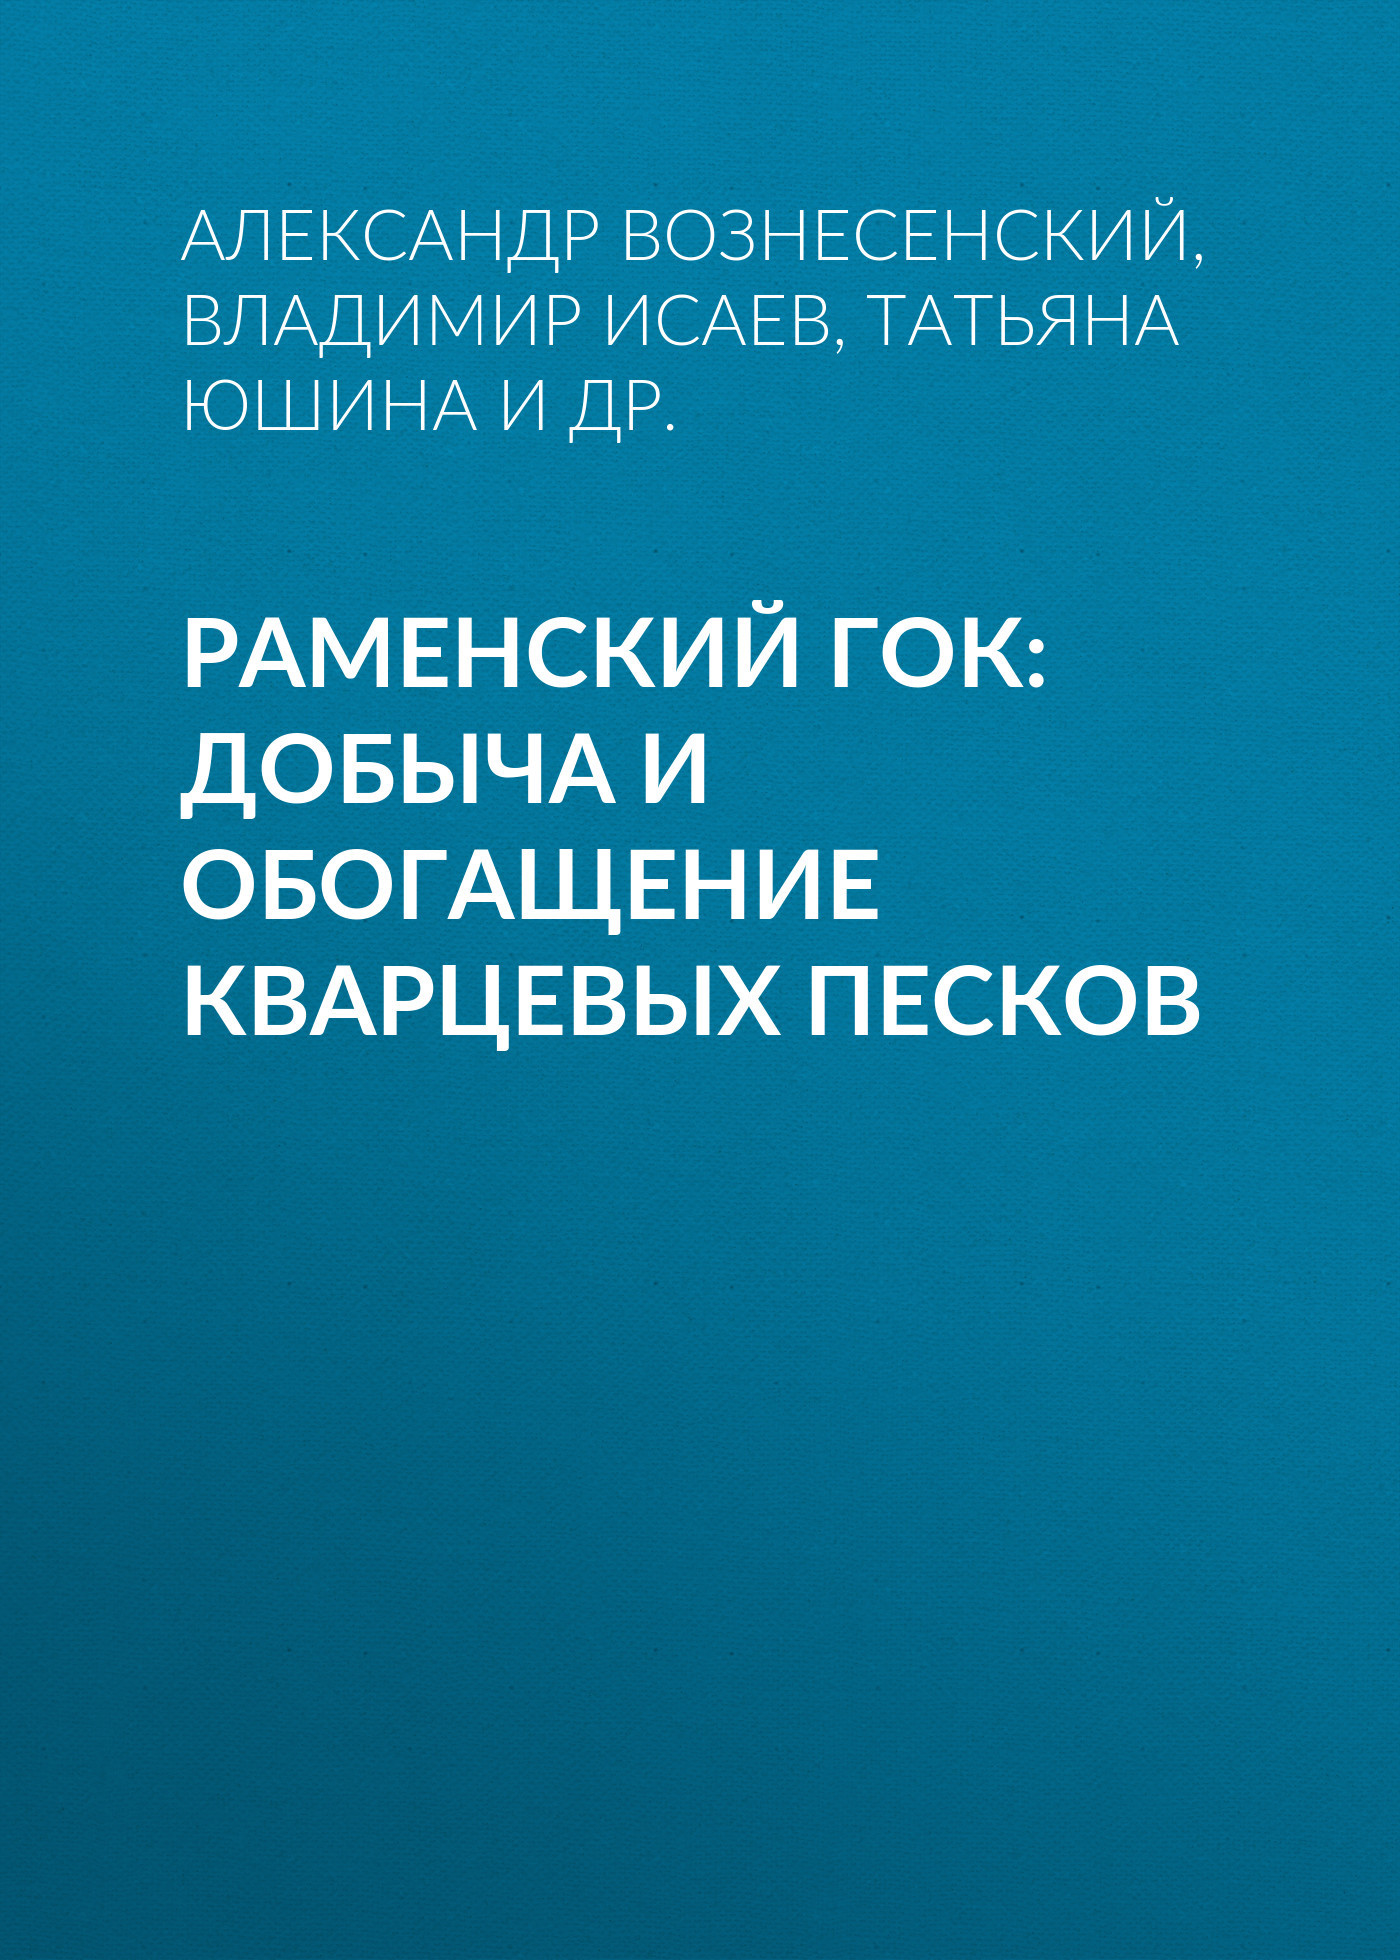 Владимир Исаев. Раменский гок: добыча и обогащение кварцевых песков